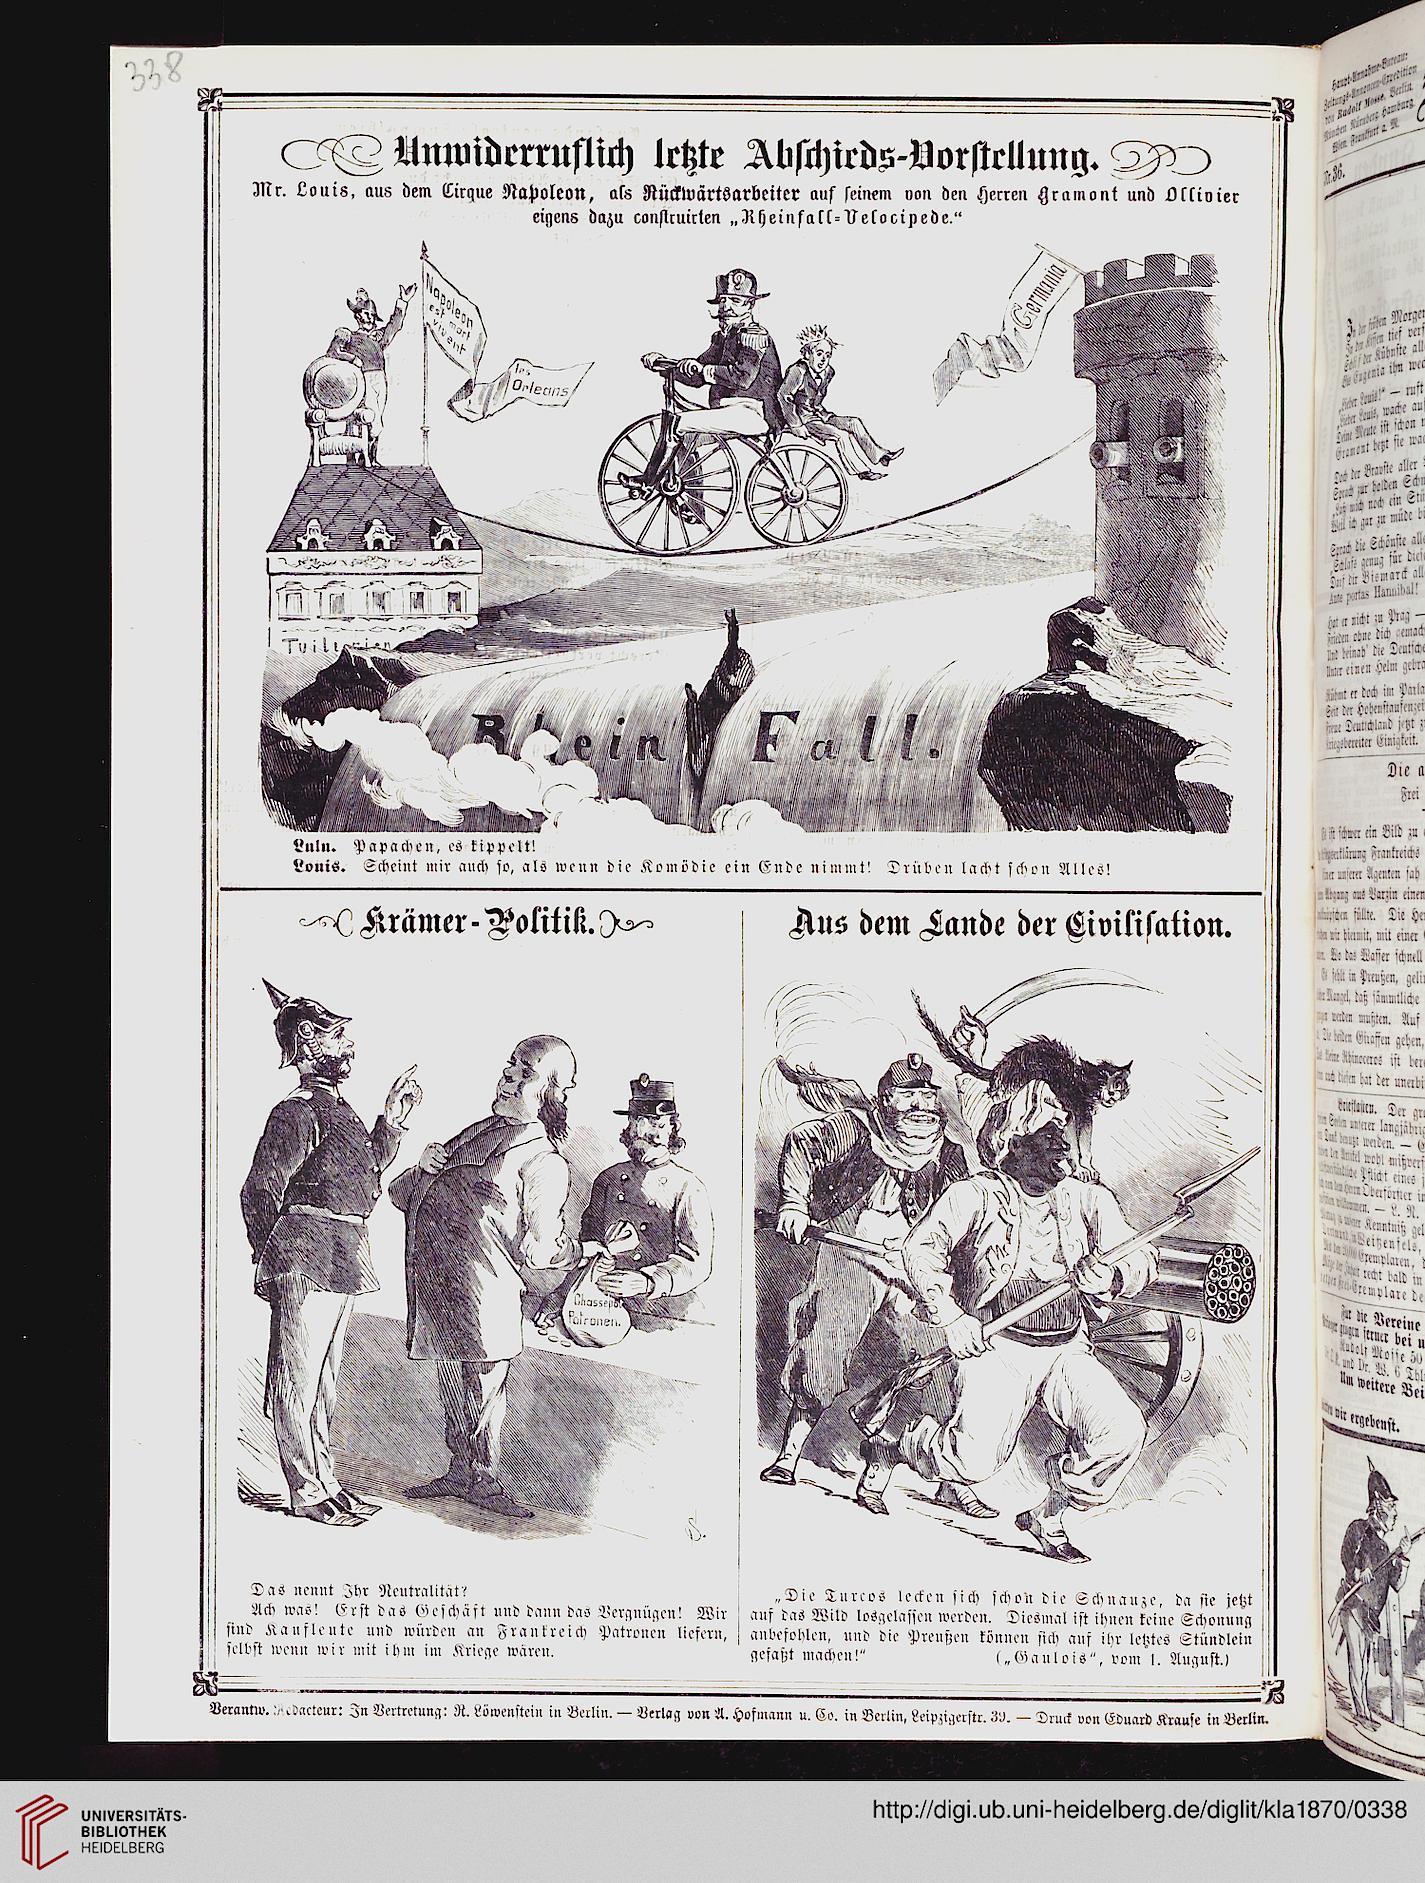 Kladderadatsch: Humoristisch-satirisches Wochenblatt (23 1870)